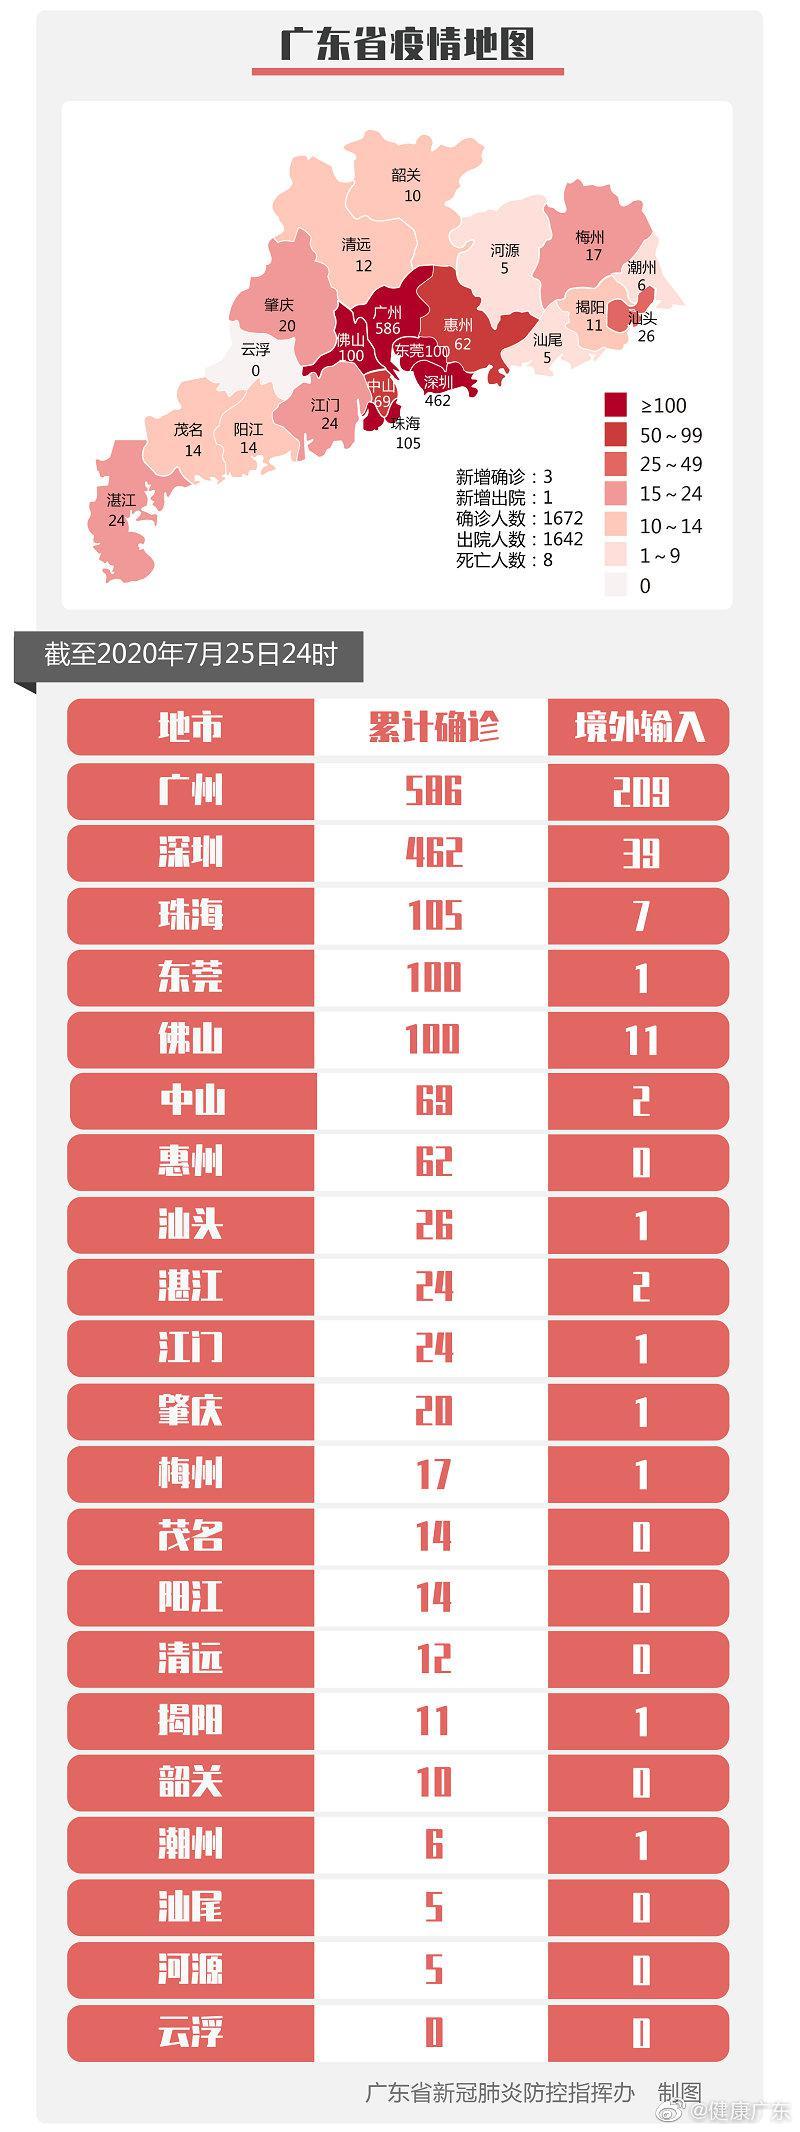 [杏悦]25日广东新增境外输杏悦入确诊病例3例图片